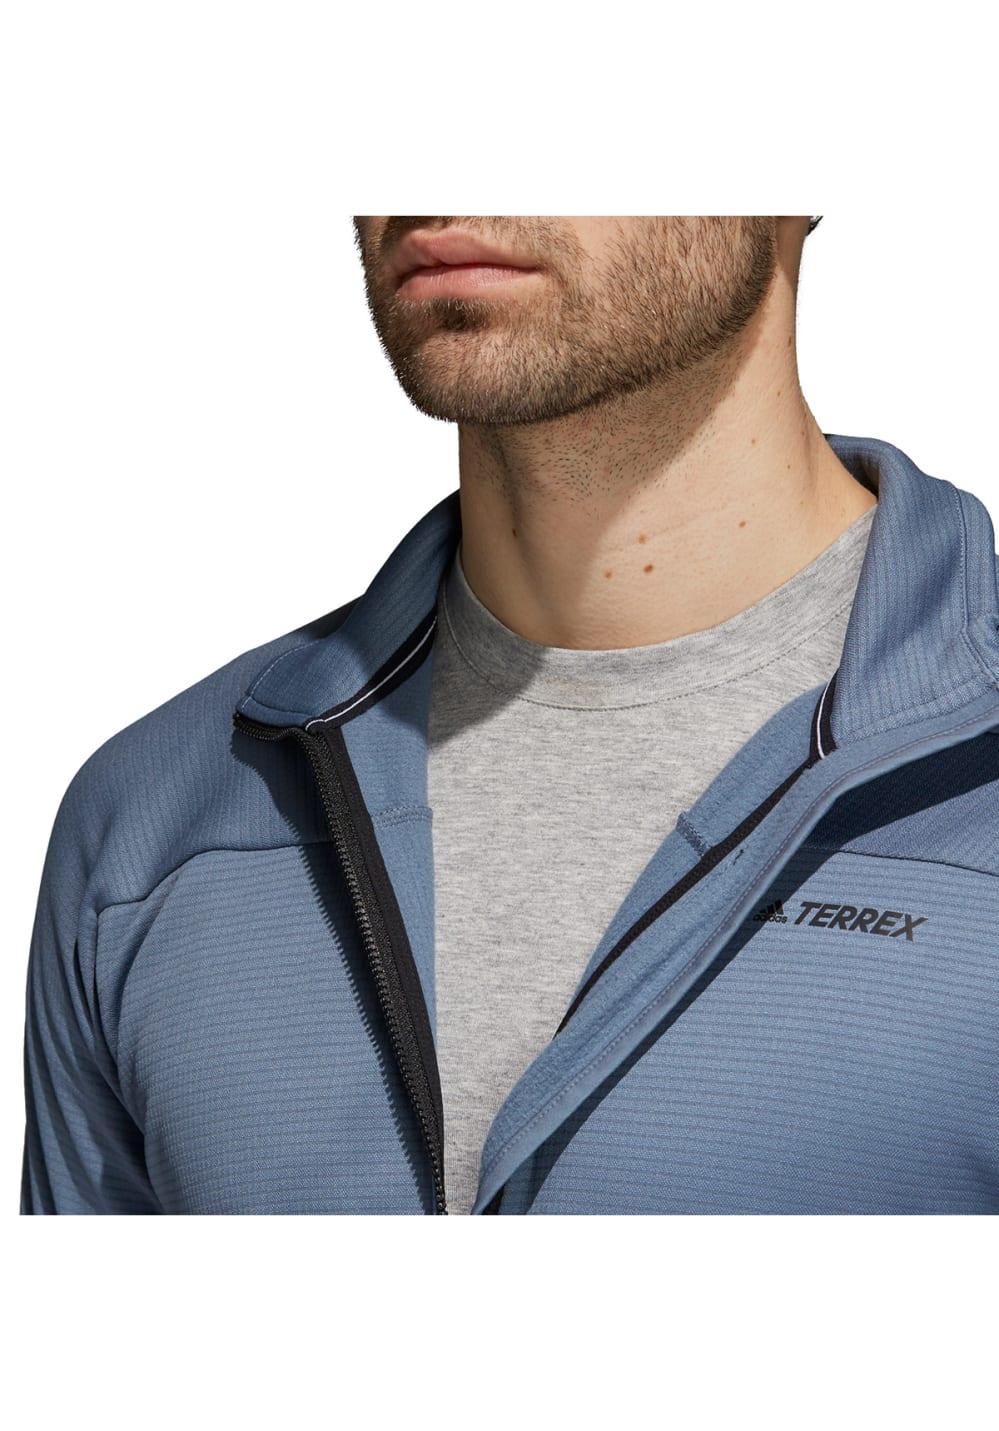 adidas TERREX Stockhorn Jacke Sweatshirts & Hoodies für Herren Blau